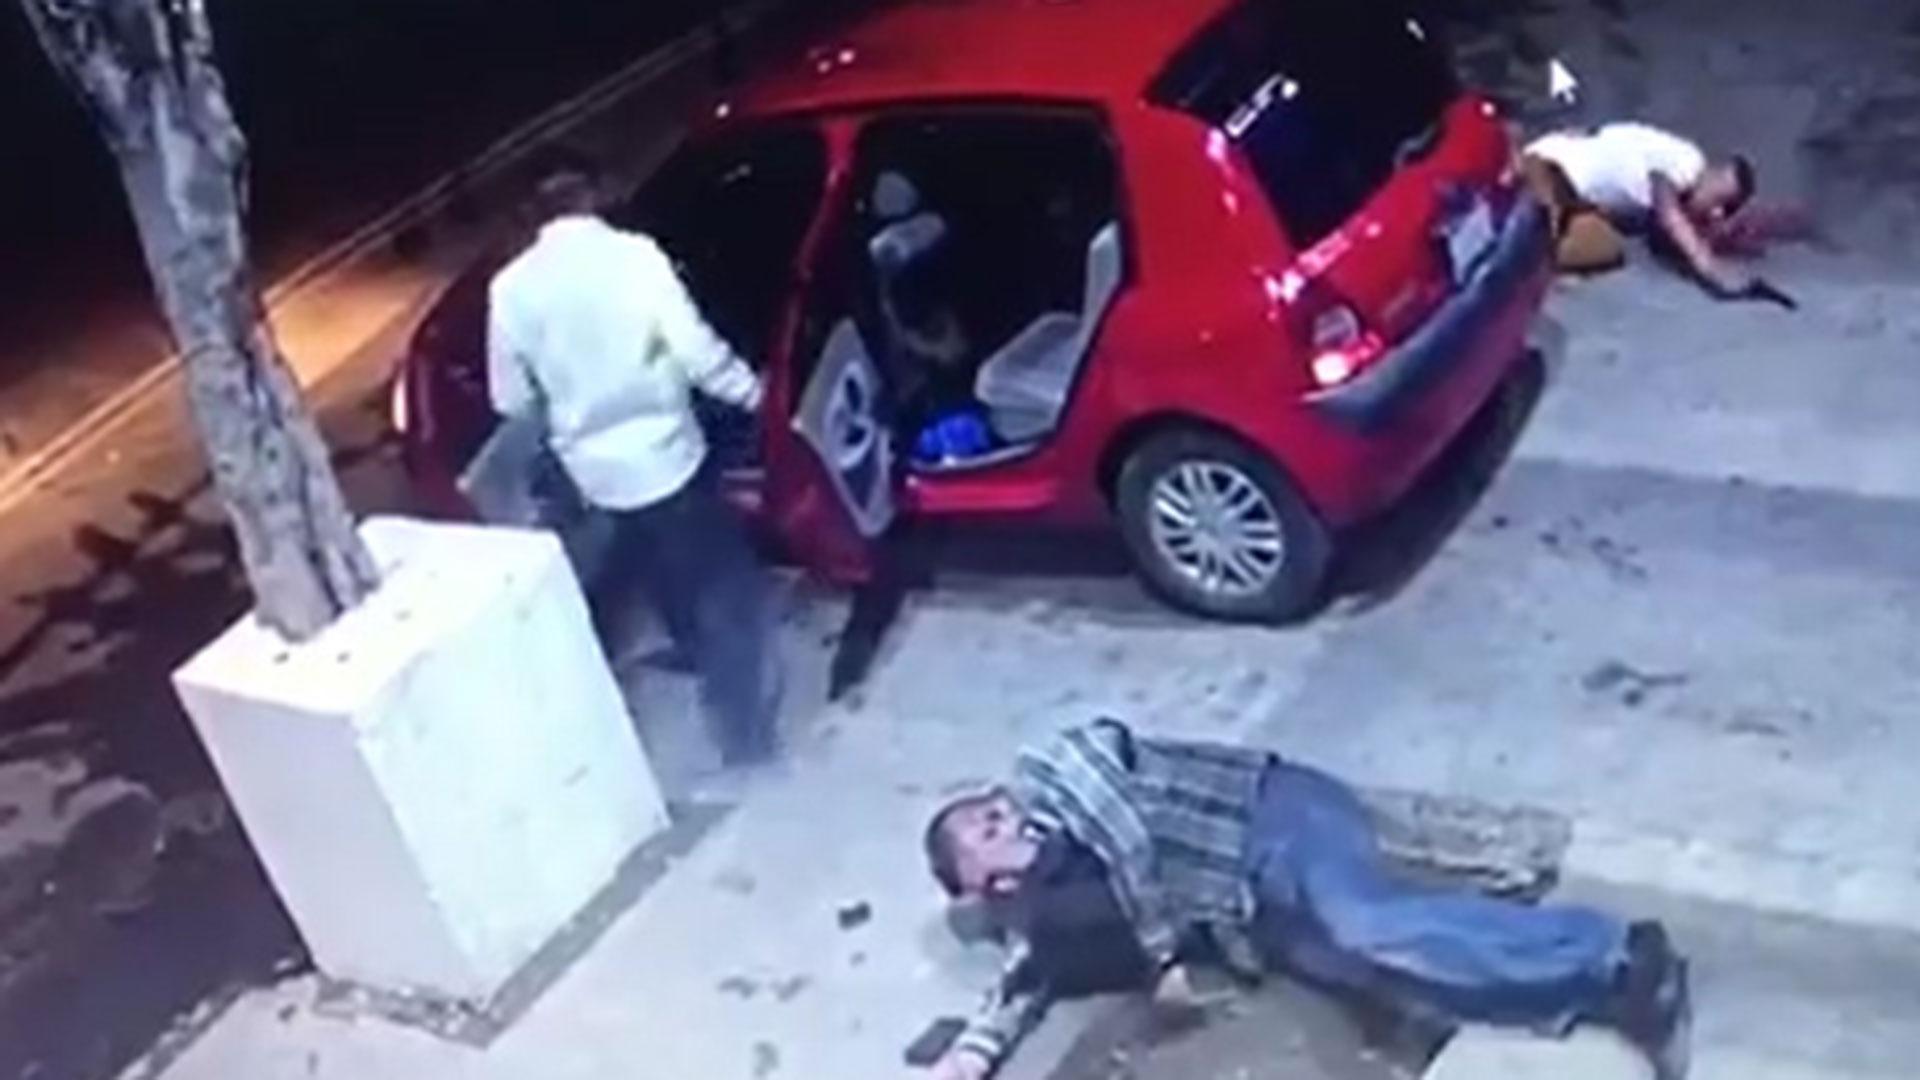 El agresor heridomurió en un hospital público donde lo abandonó su acompañante.